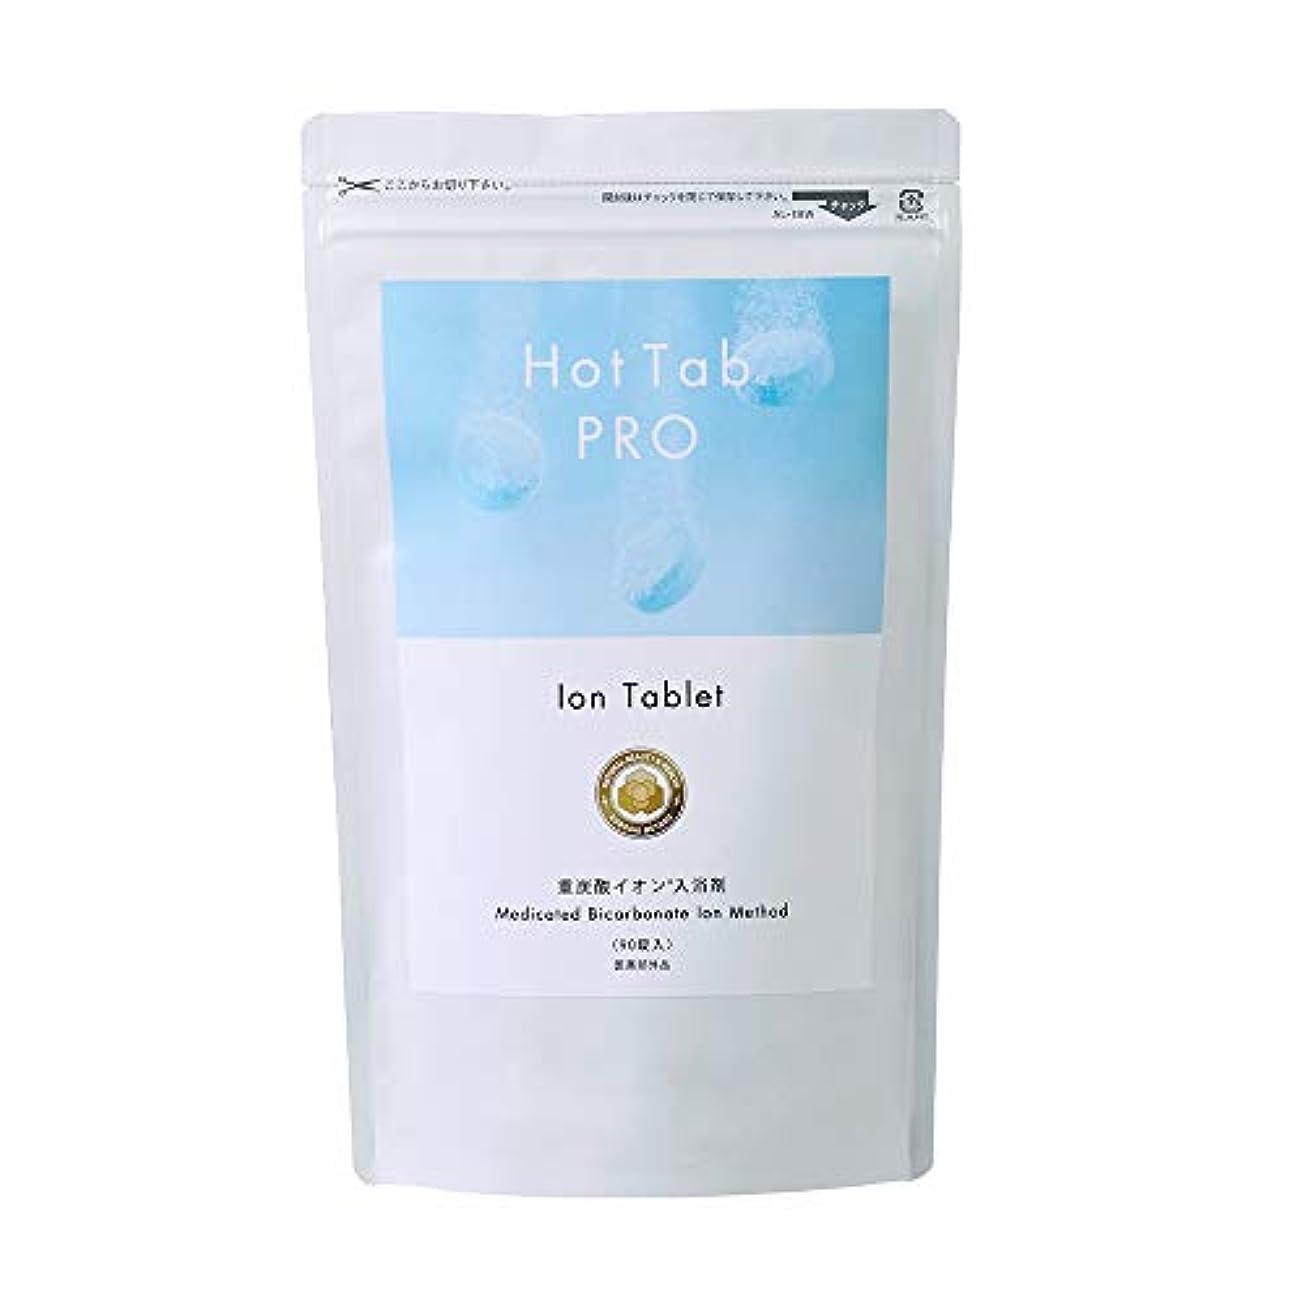 有効化アパル固める最新型 日本製なめらか重炭酸入浴剤「ホットタブPro」(デリケートな肌でも安心 無香料 無着色 中性pH) (お得な90錠セット)